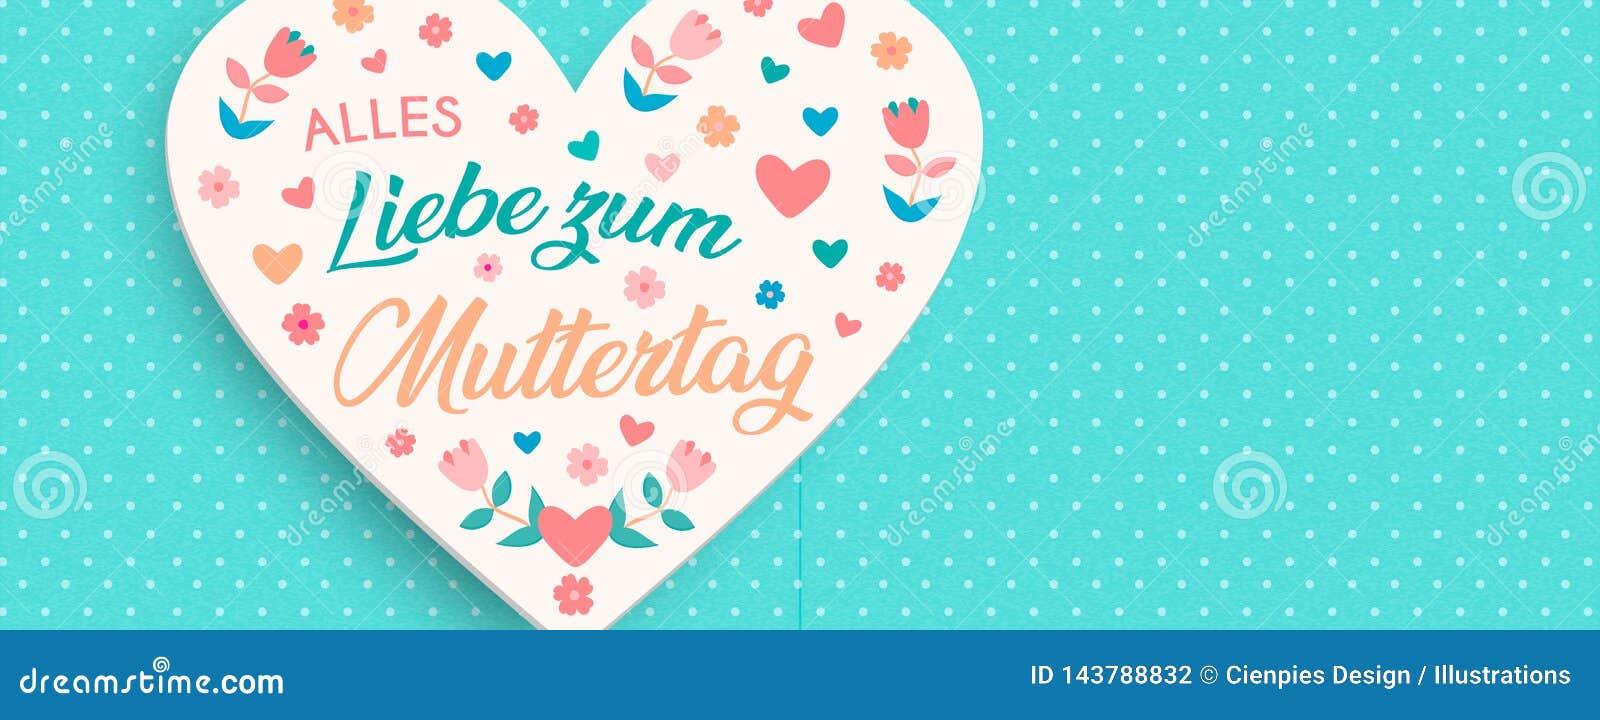 Niemiecka matka dnia kwiecista karta dla mamy miłości